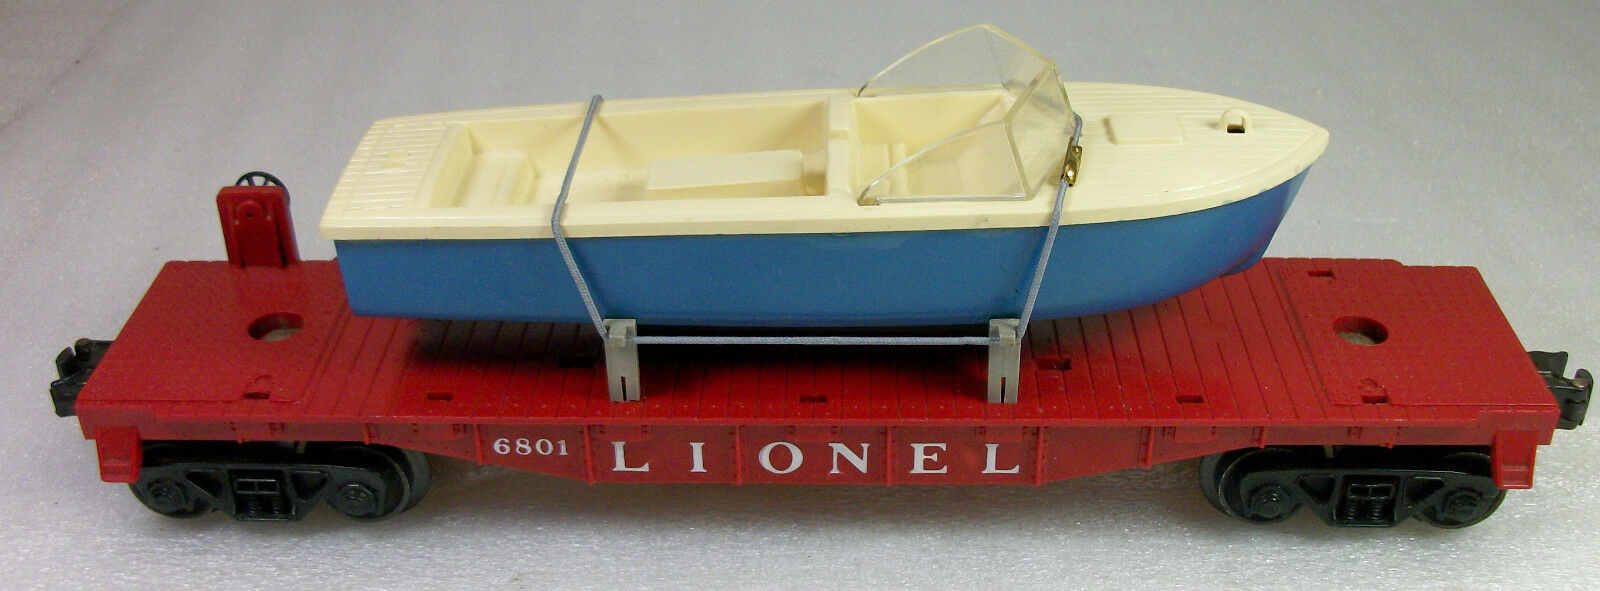 Lionel de la posguerra 6801-75 plana coche con barco Todo Original Excelente +